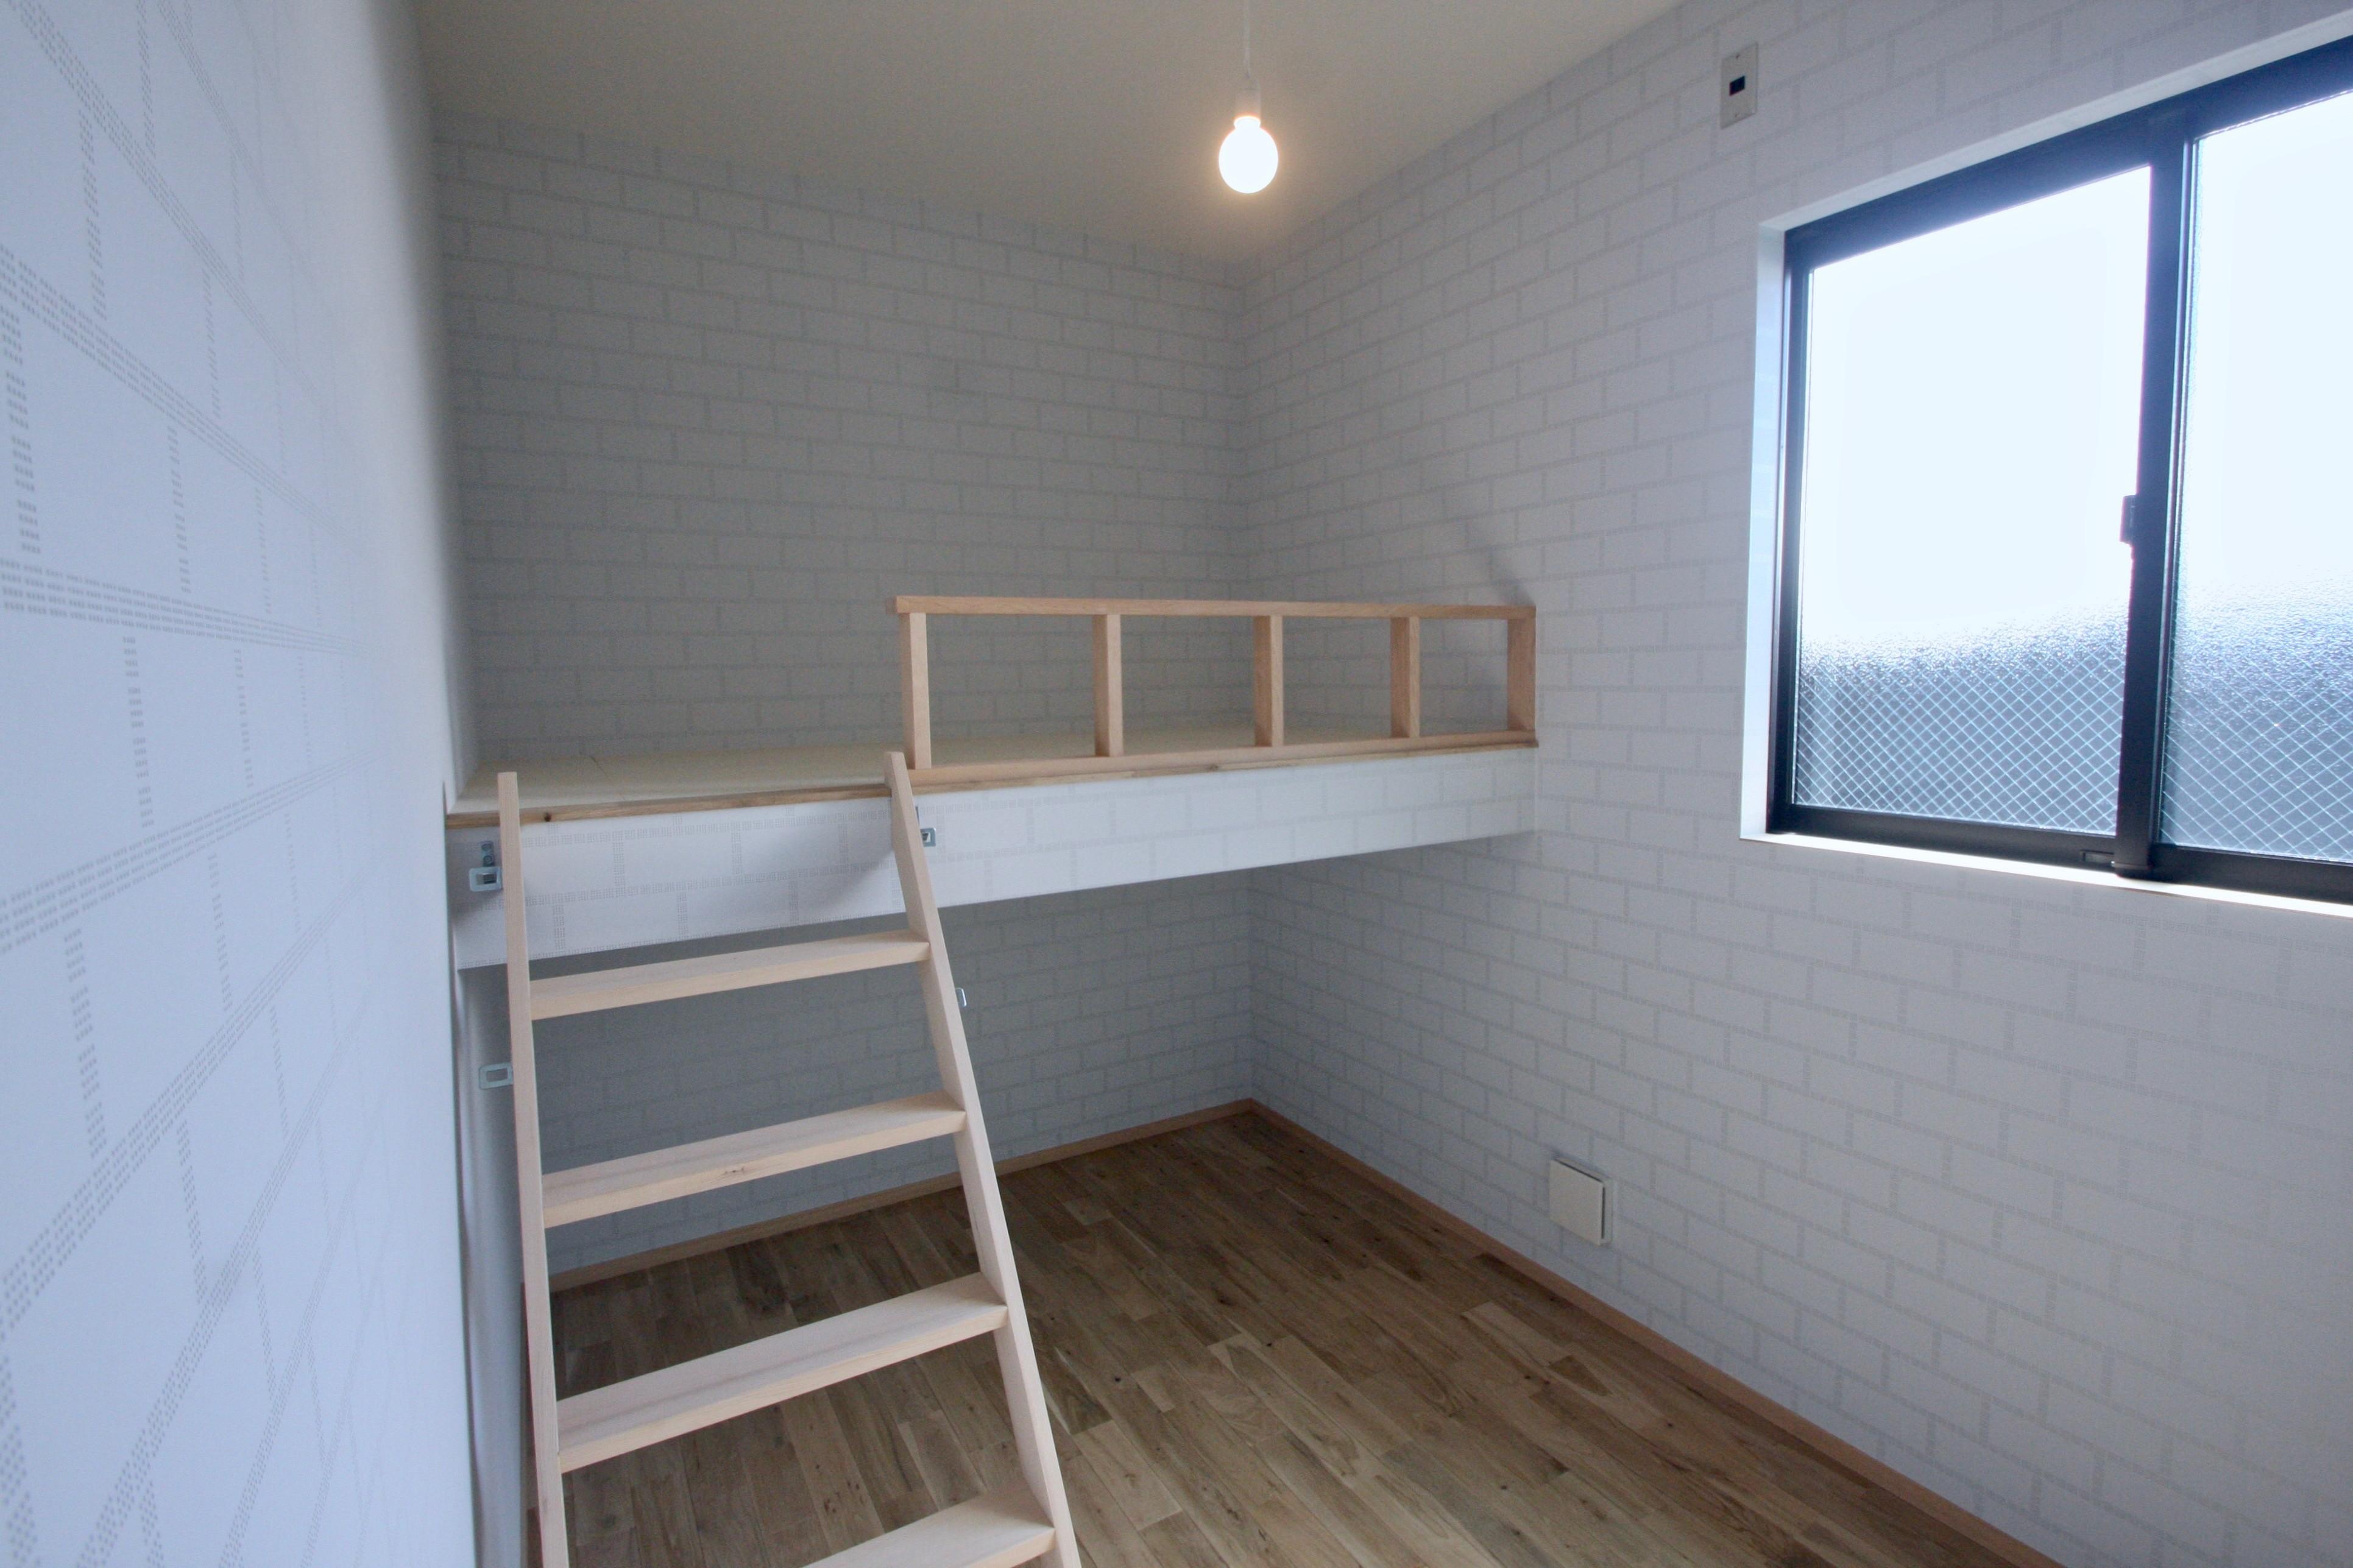 子供部屋事例:2階子供部屋(三国の住宅:都心に暮らす家族5人の家)